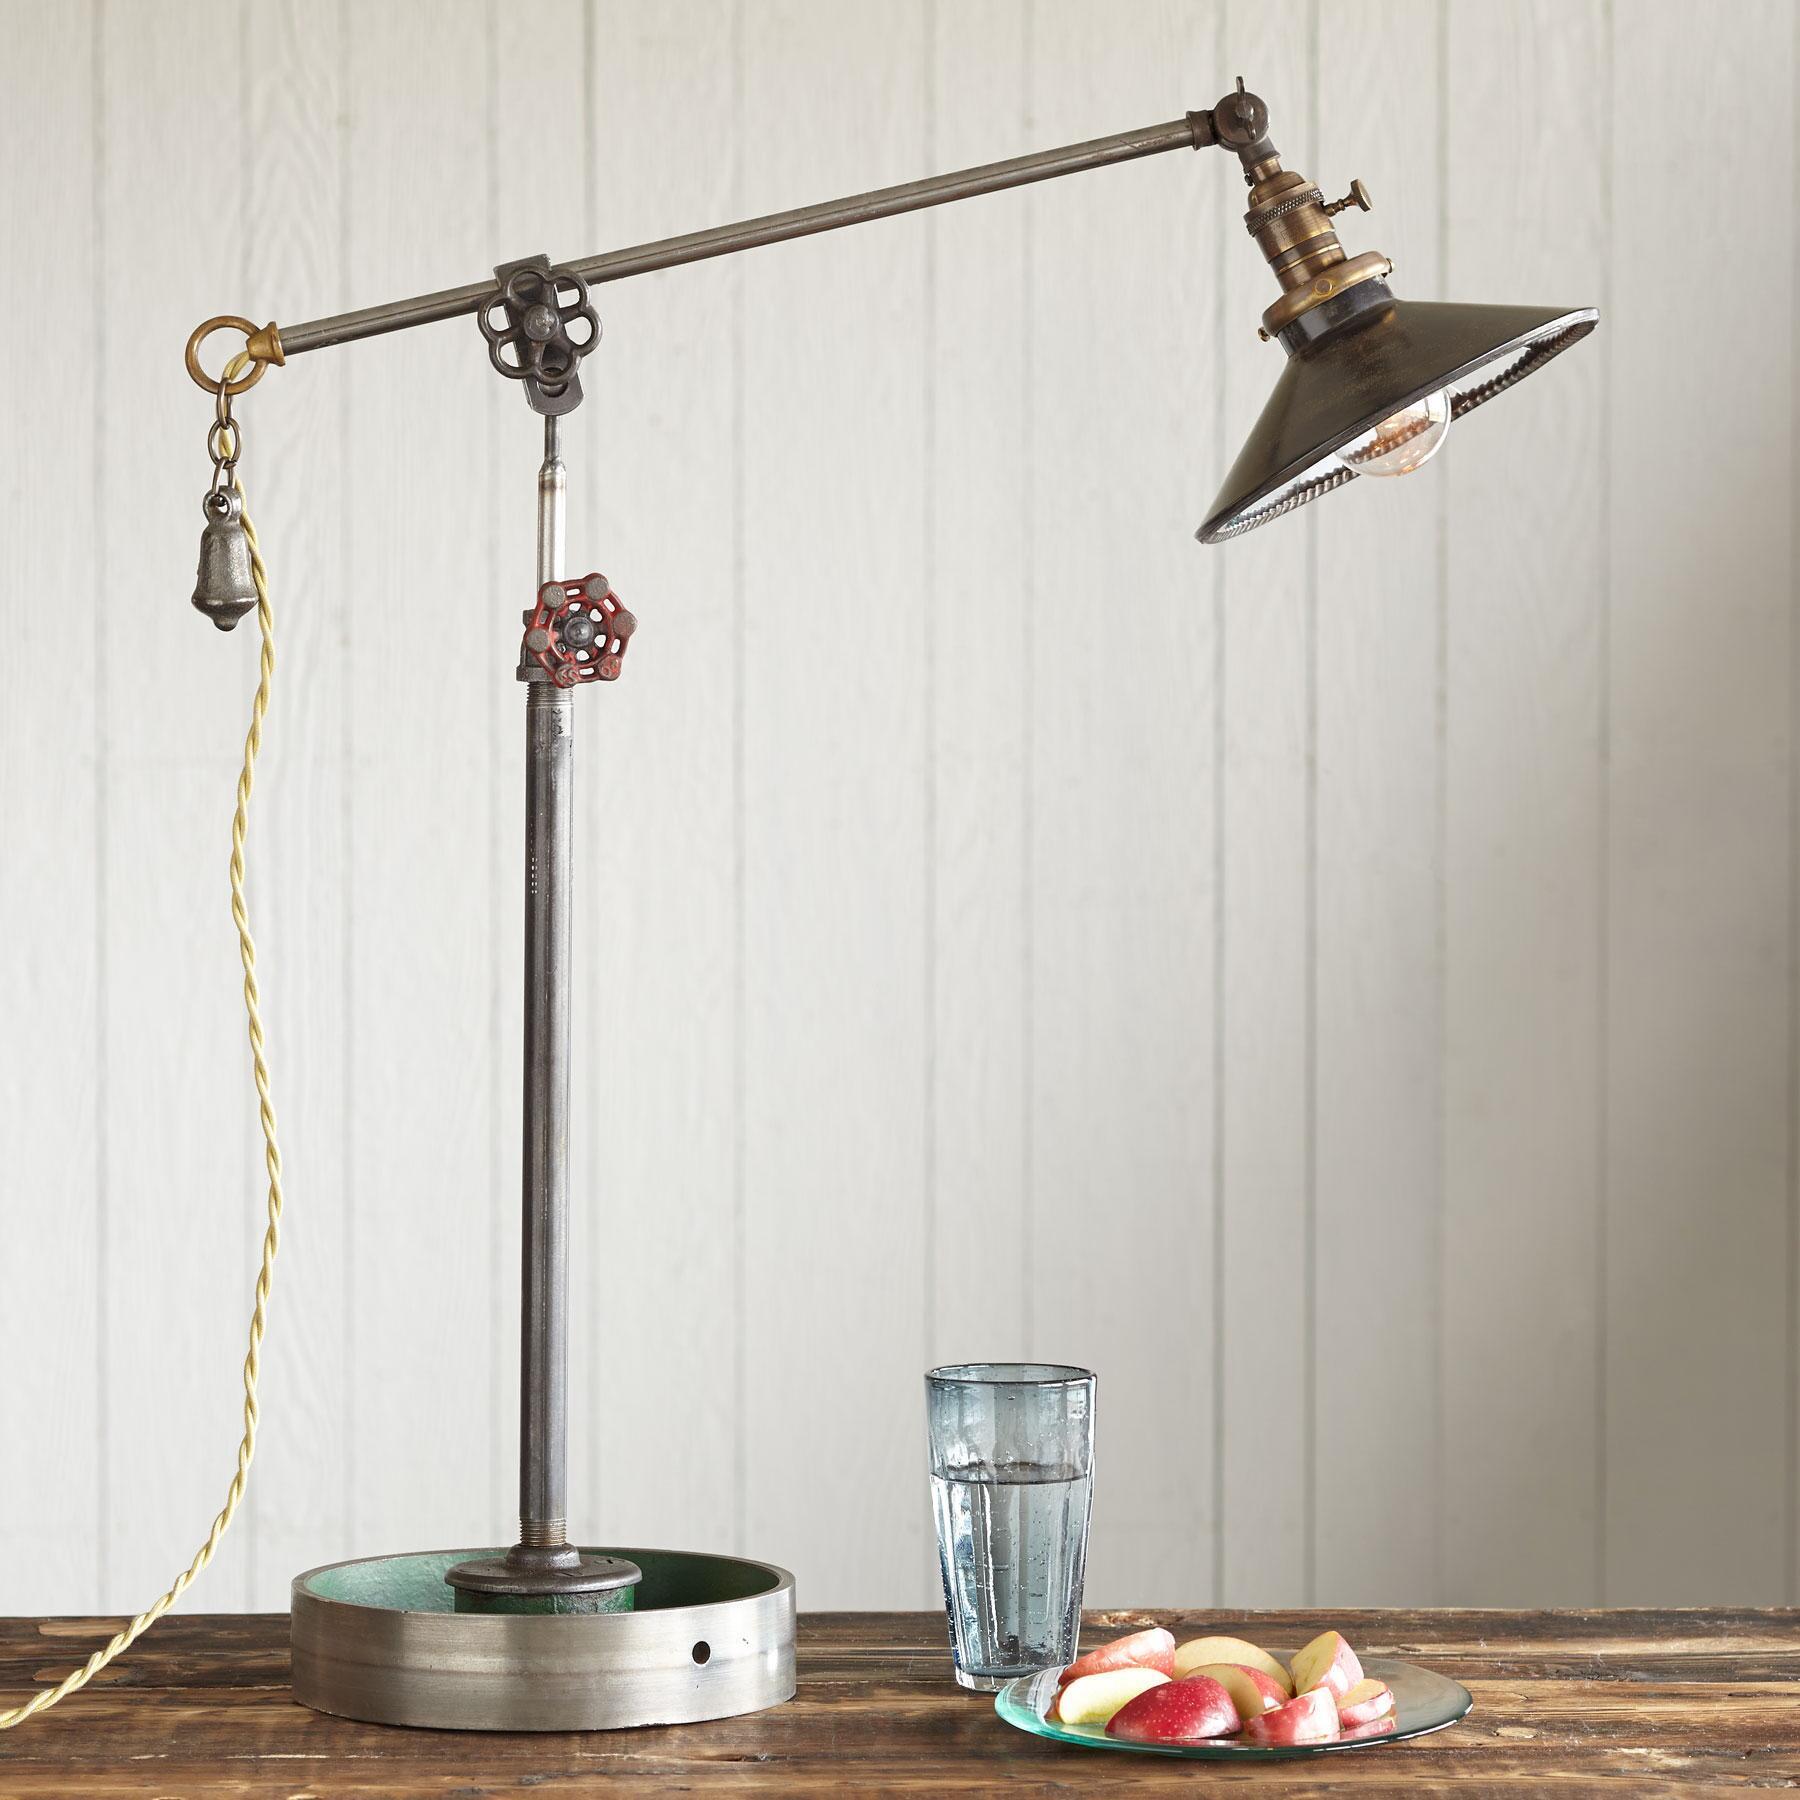 ATWATER KENT LAMP: View 1